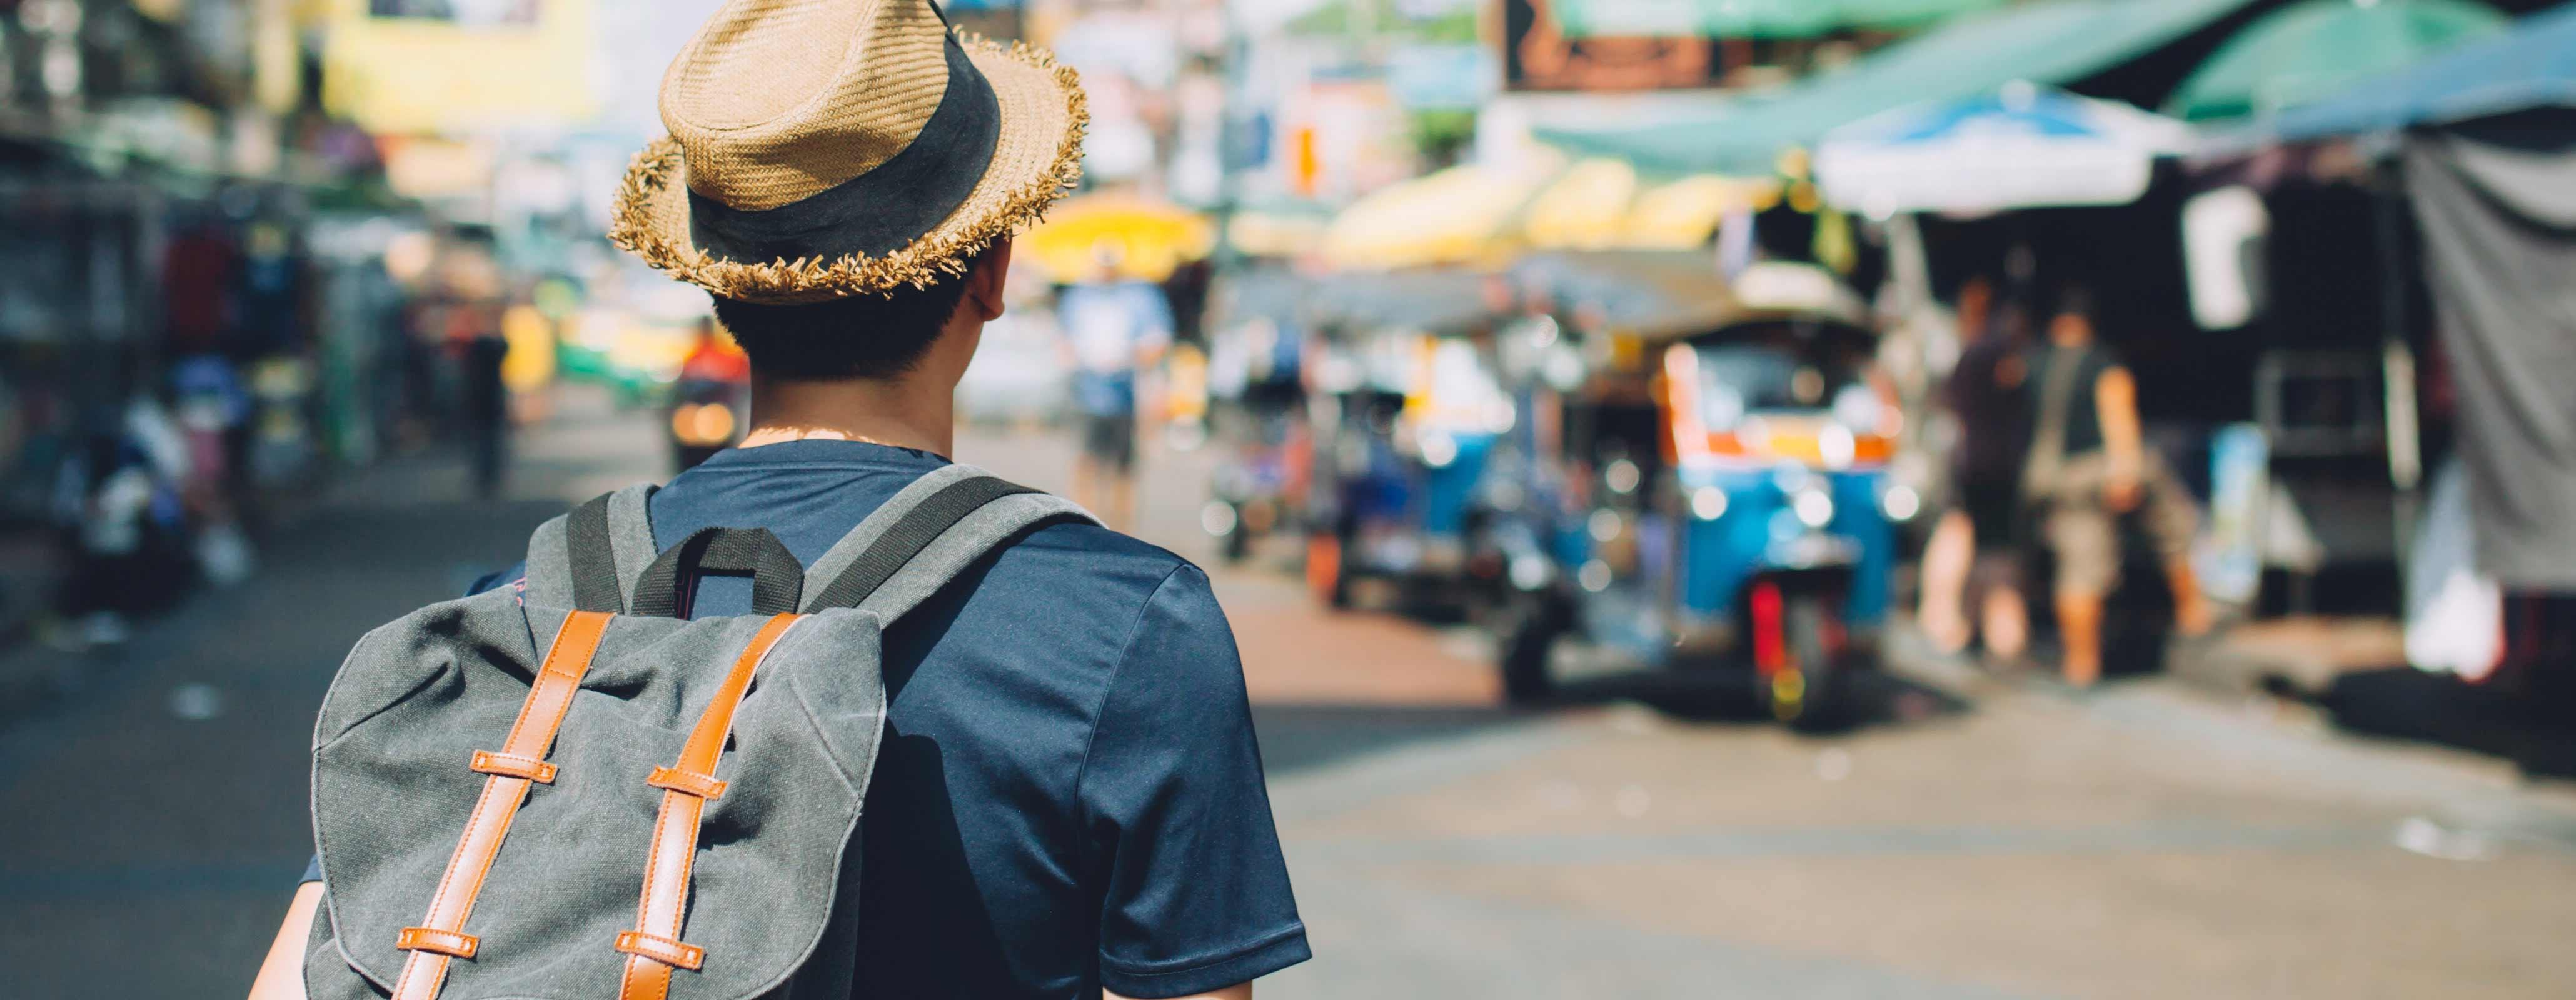 Jonge backpacker in Azië